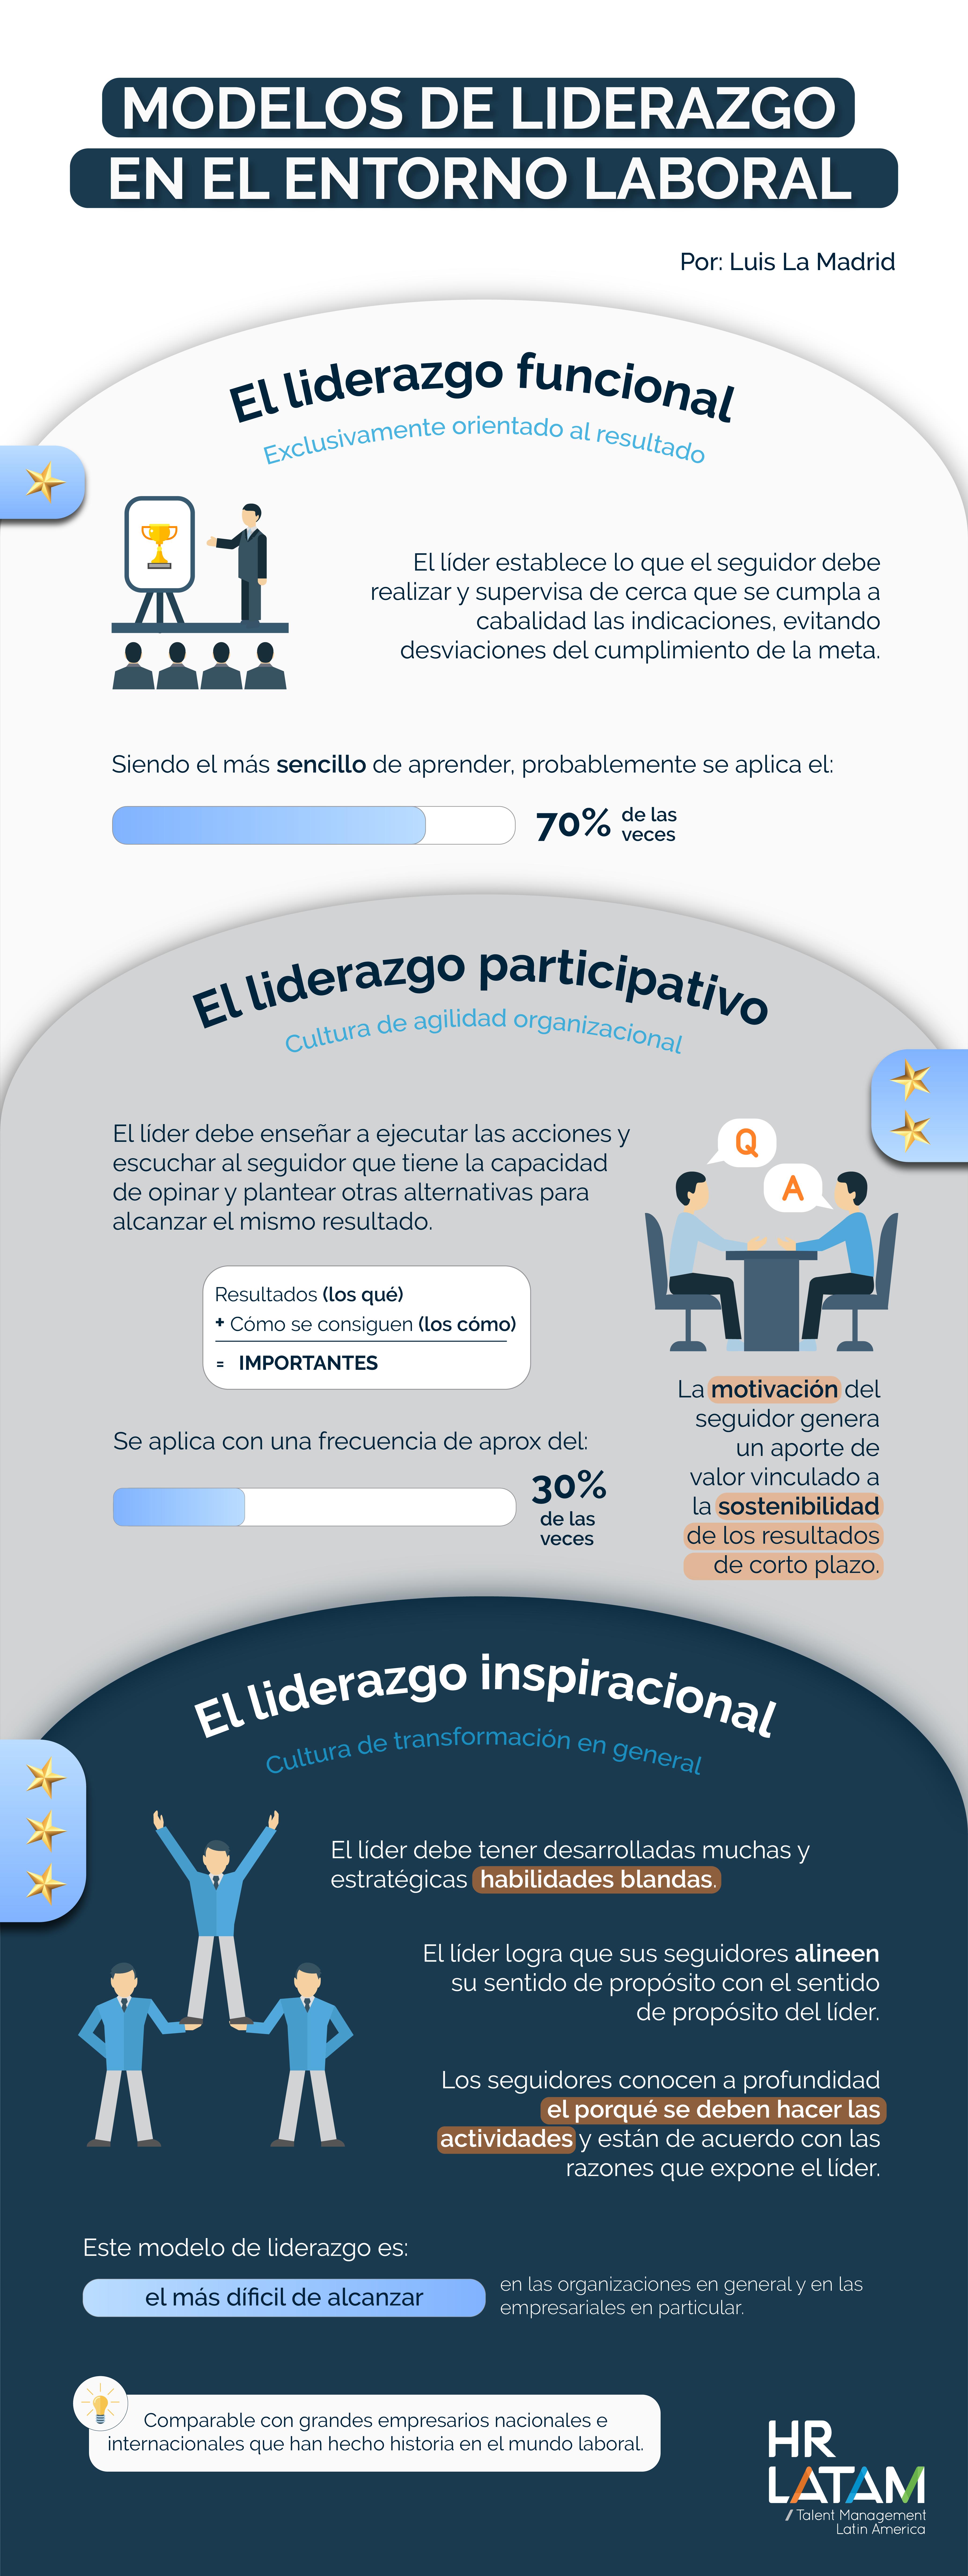 Modelos de liderazgo en el entorno laboral: Liderazgo funcional, participativo e inspiracional